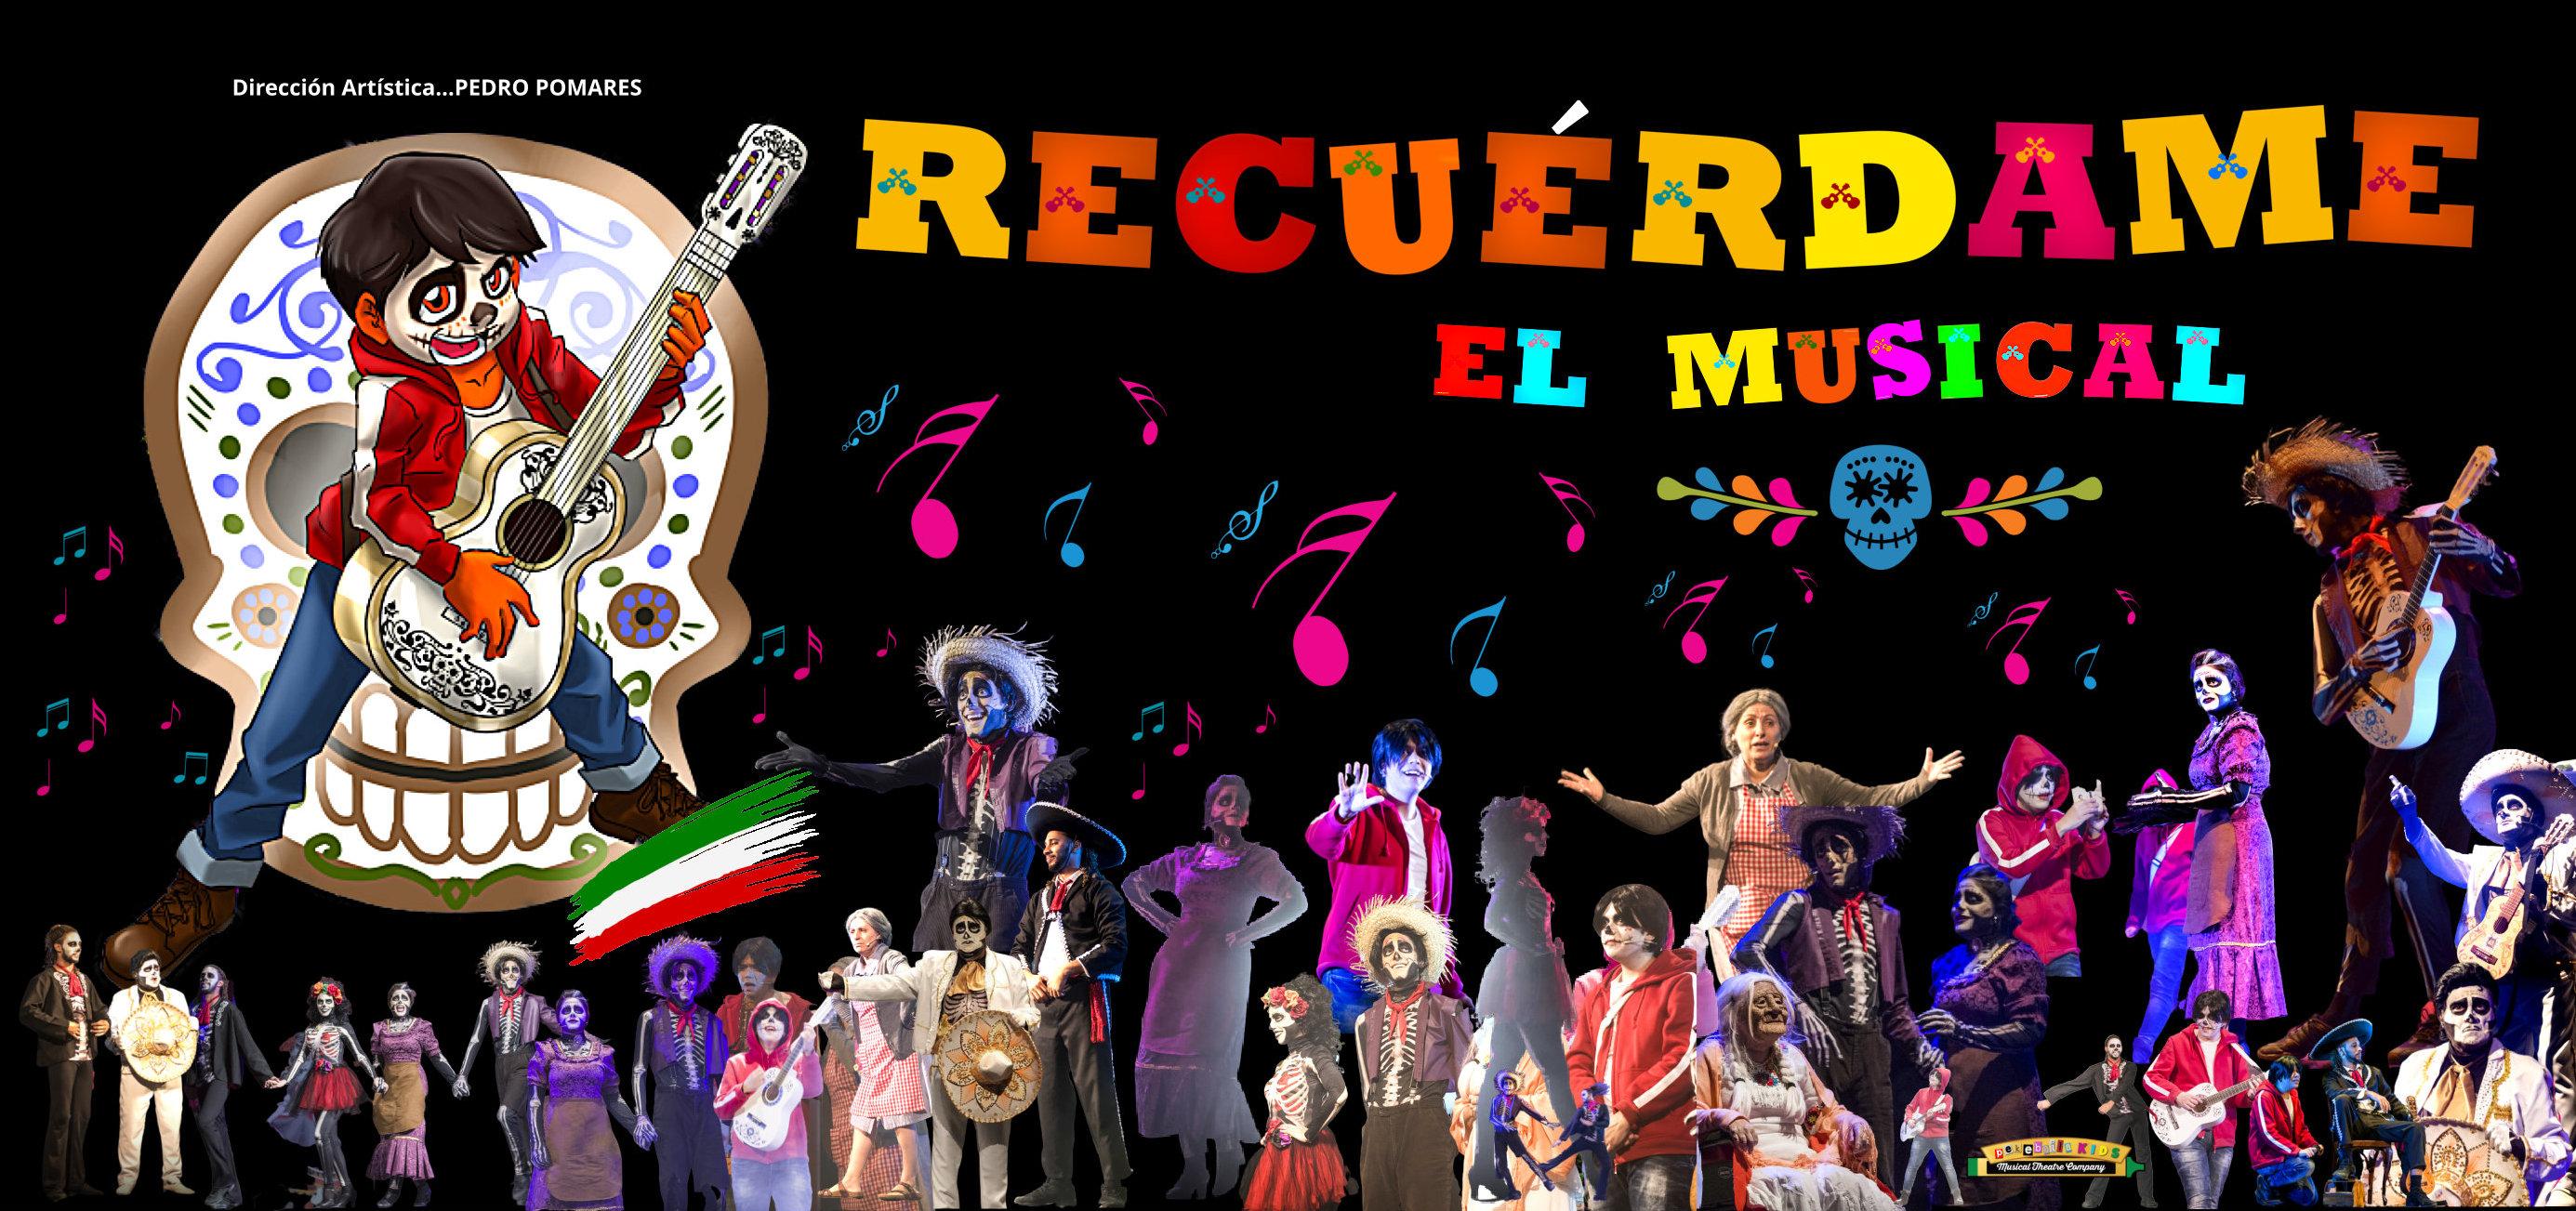 COCO RECUÉRDAME MUSICAL